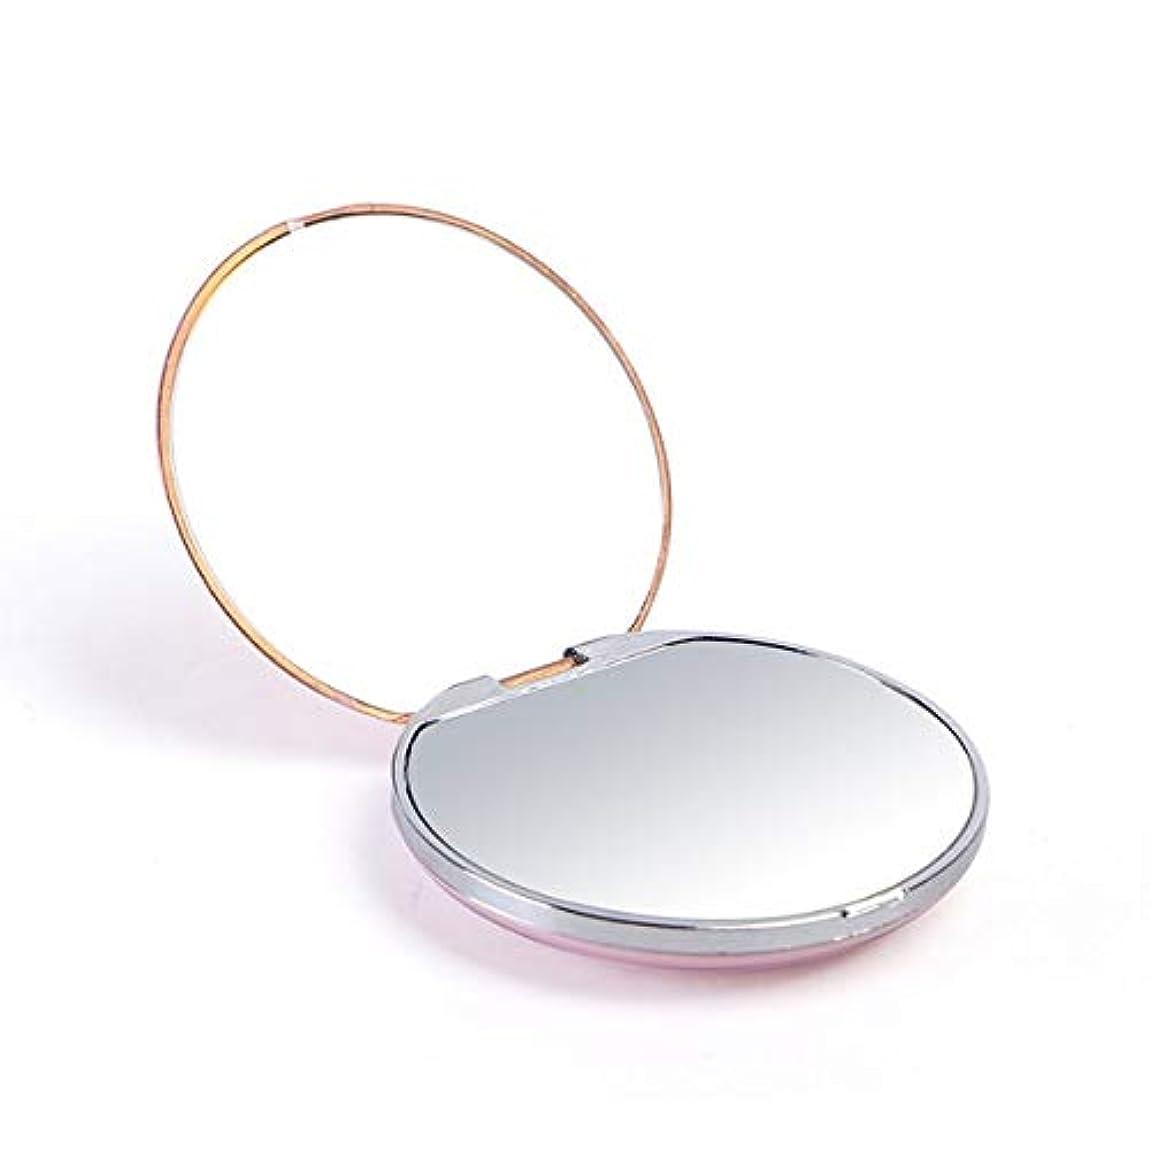 酔った聡明ヒップ化粧鏡、亜鉛合金テクスチャアップグレード化粧鏡化粧鏡化粧ギフト